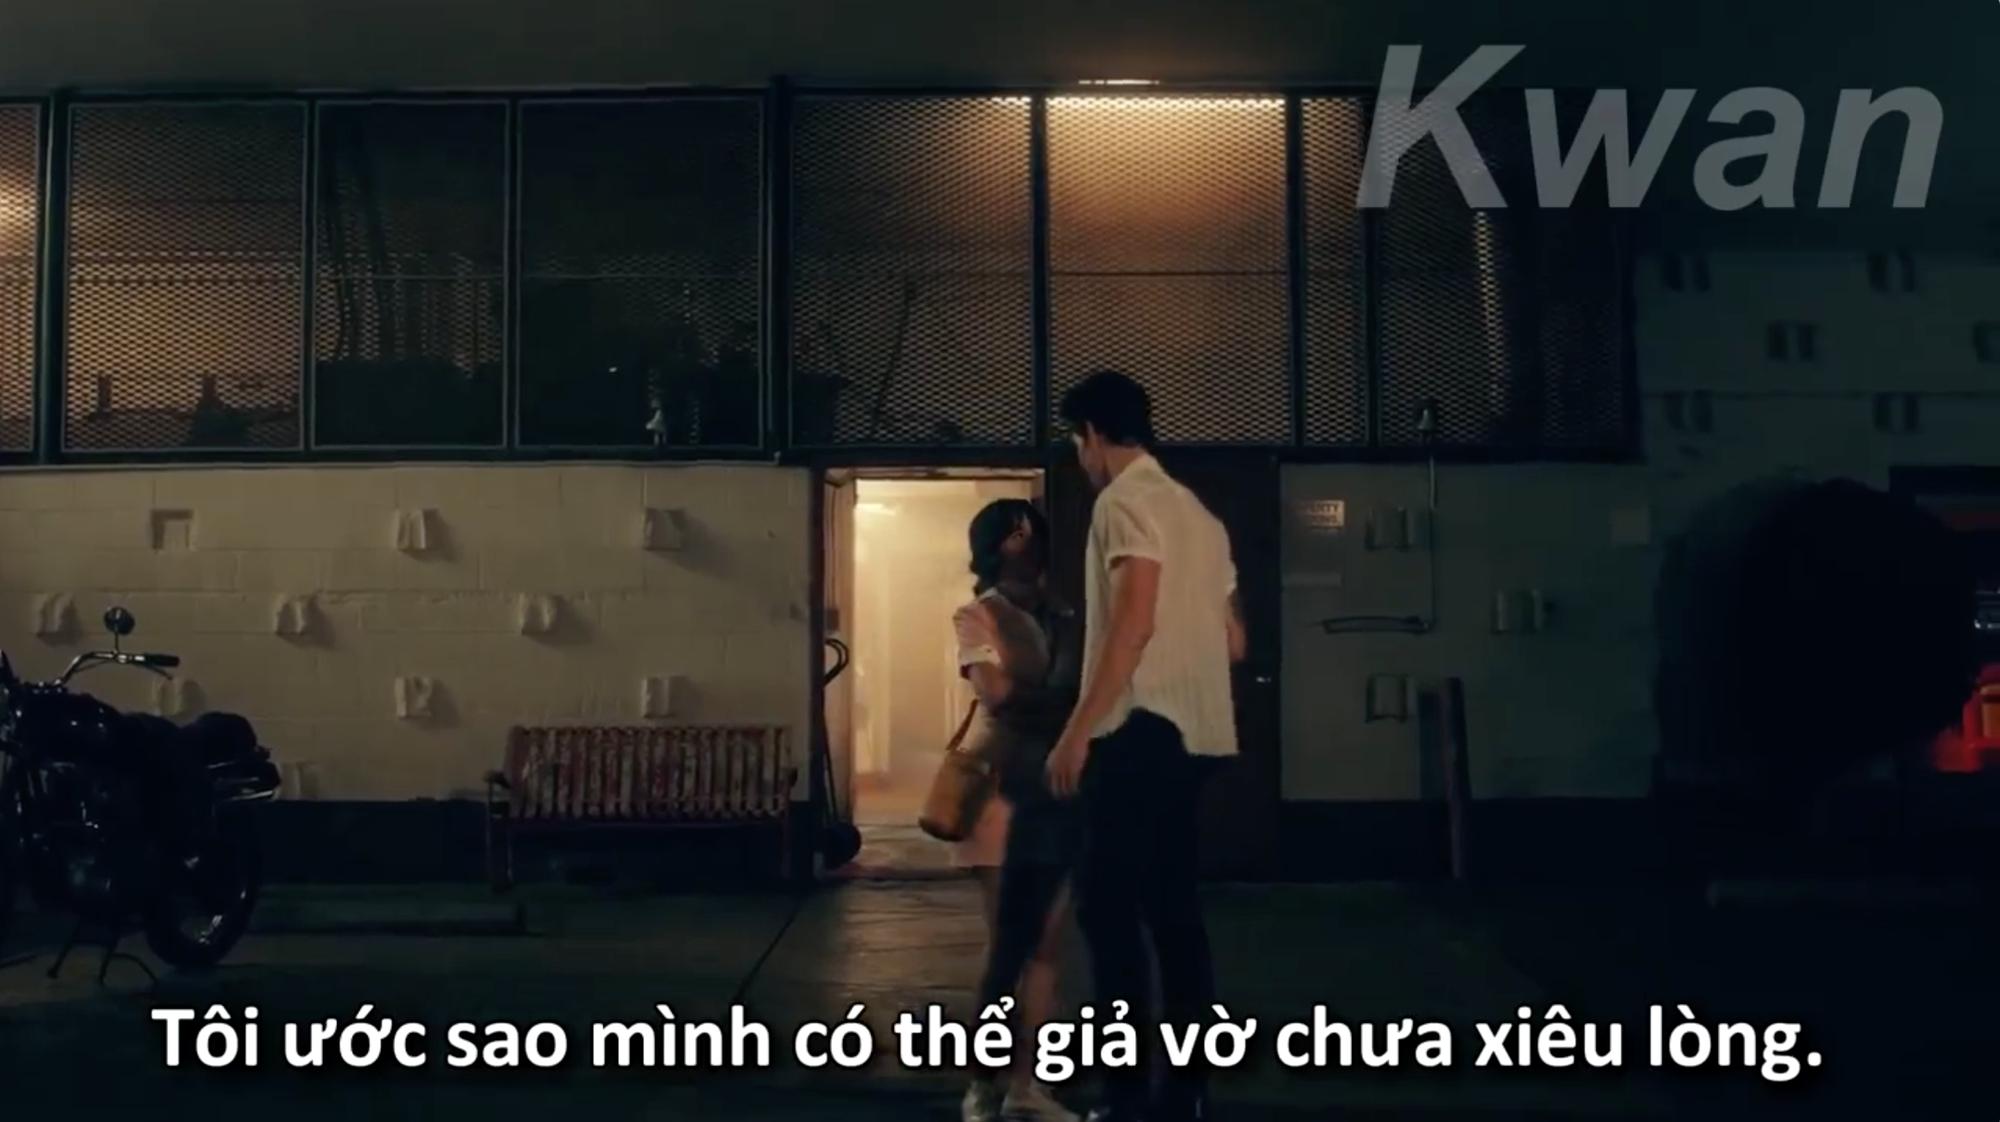 Shawn Mendes và Camila Cabello y hệt như lời bài hát Senorita của chung, đưa friendzone lên tầm cao mới